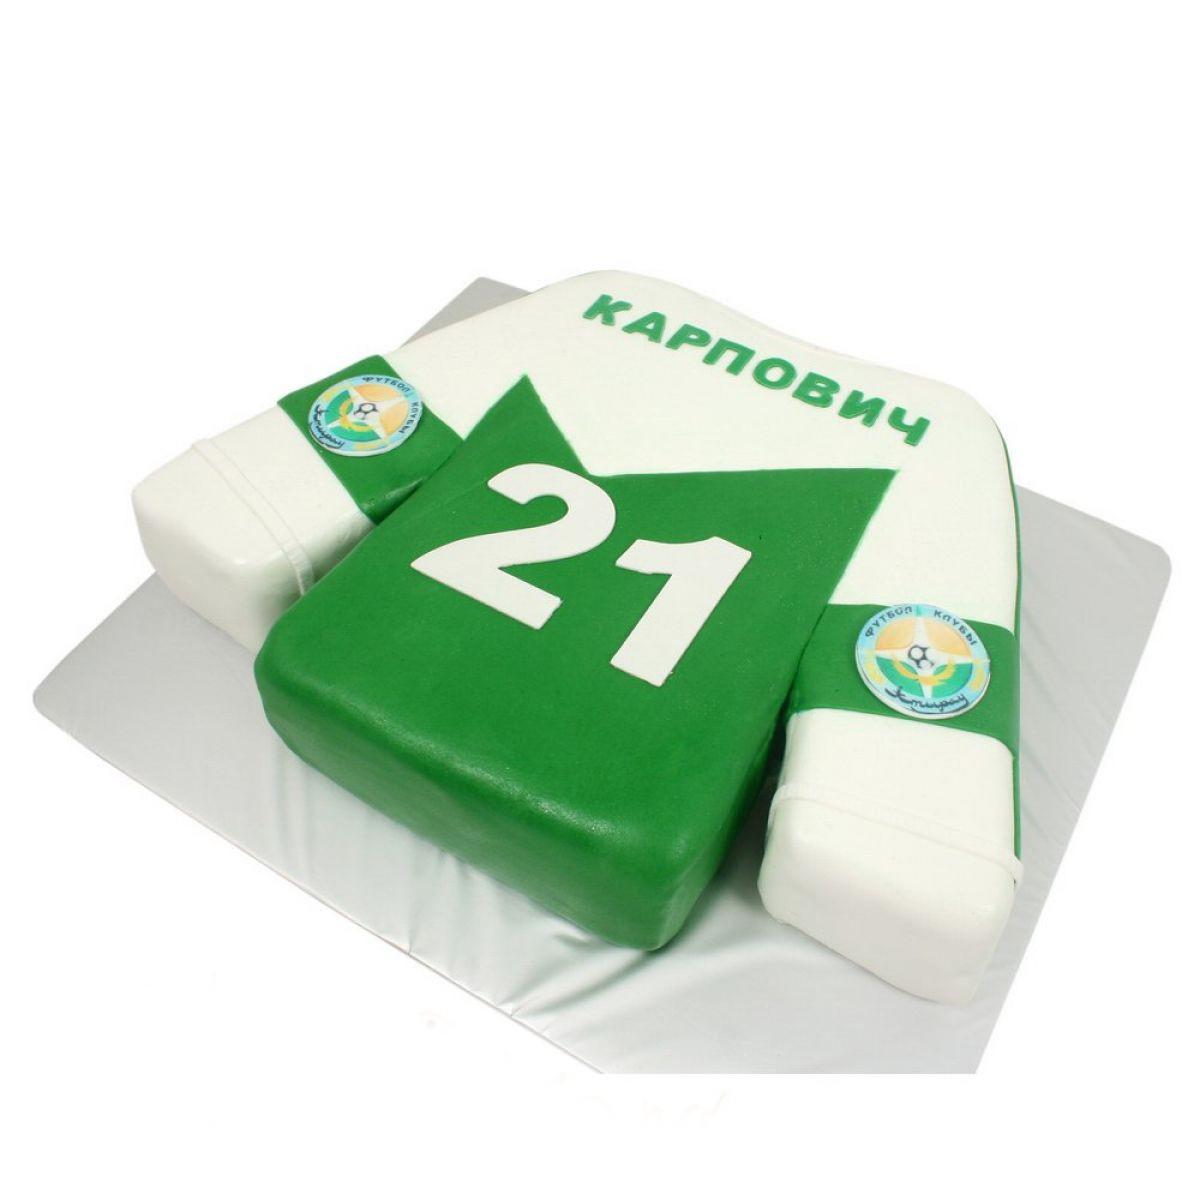 №953 Торт хоккей